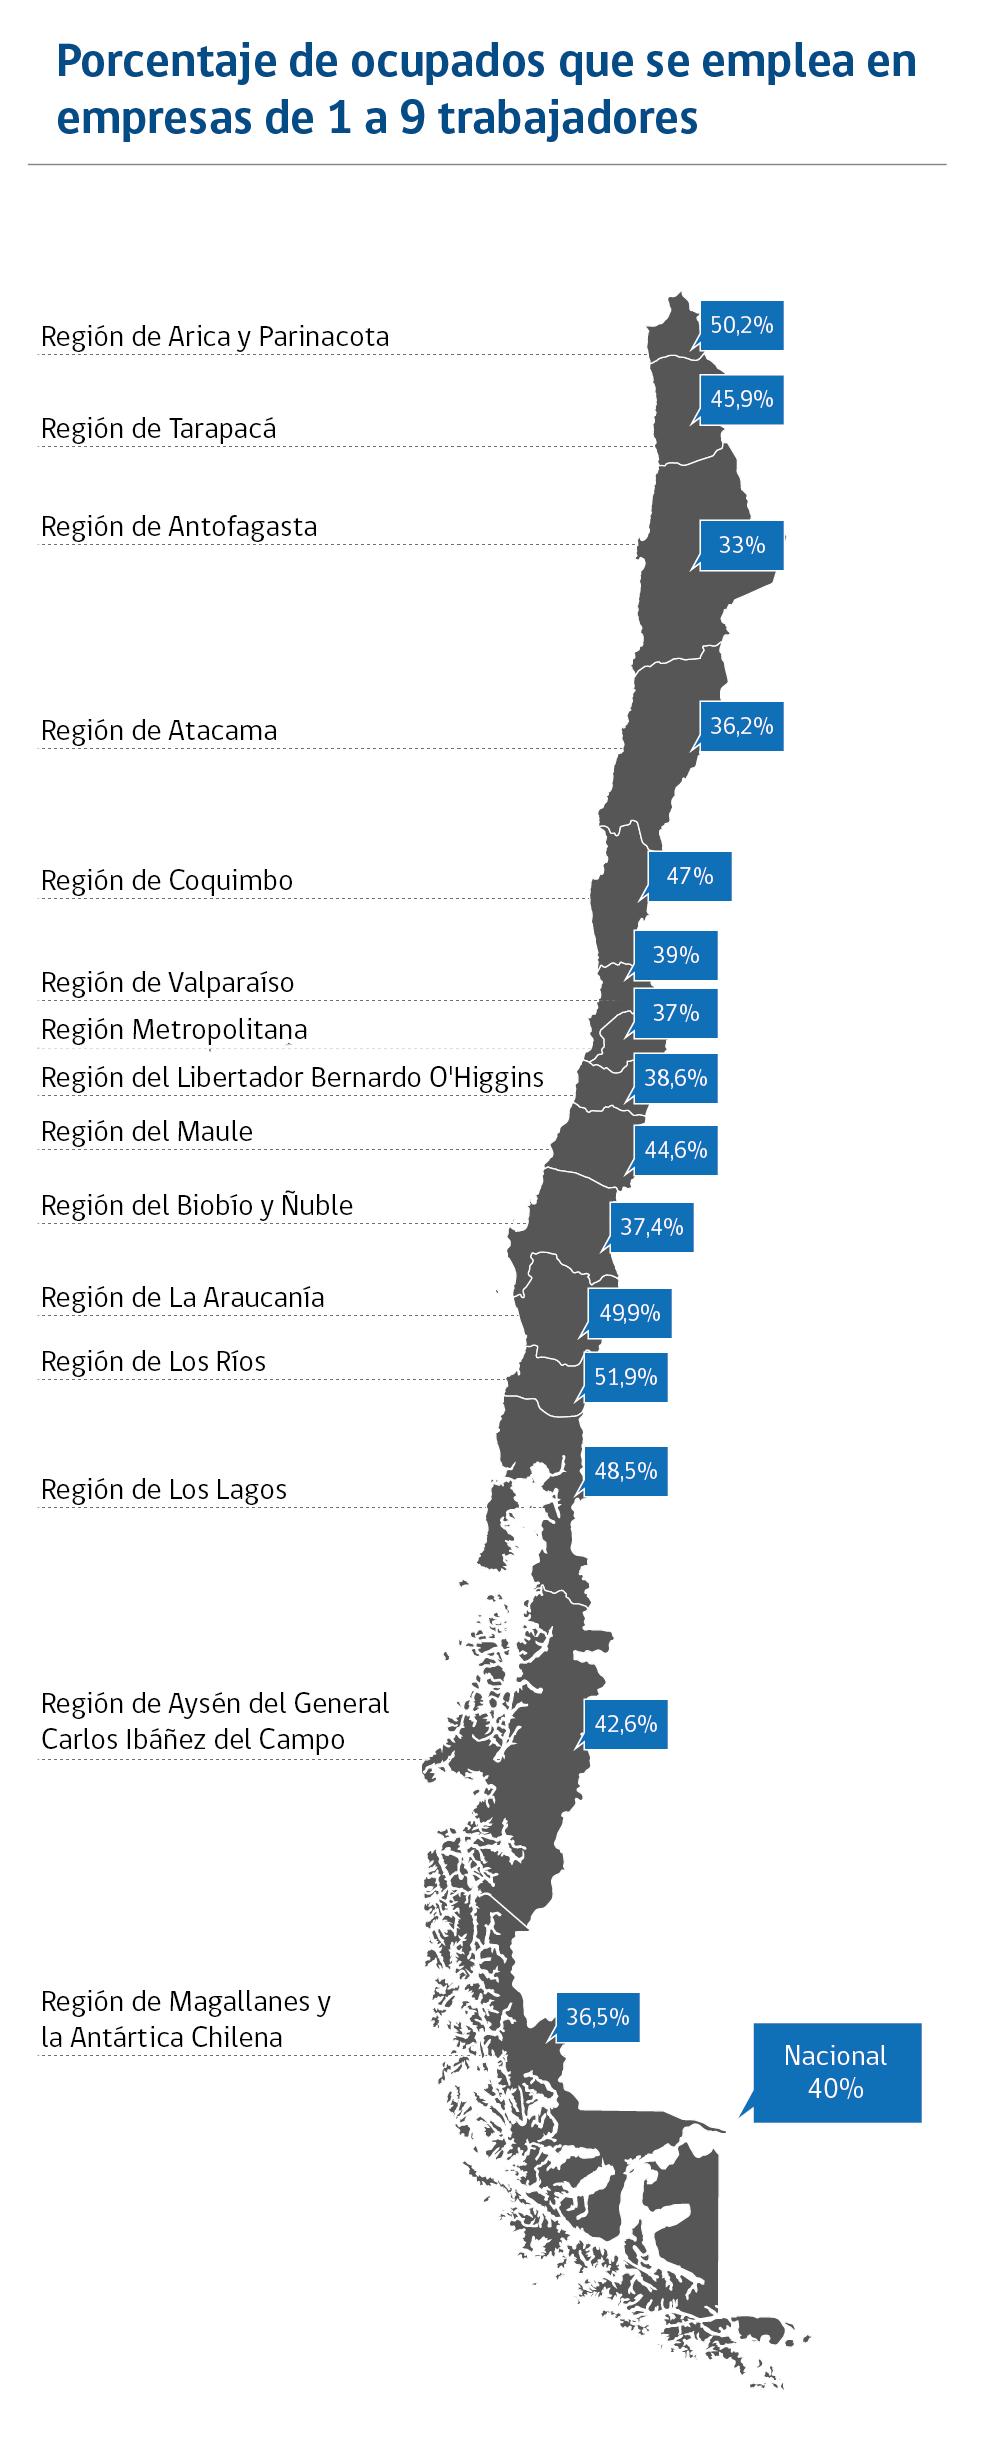 Porcentaje de ocupados que se emplea en empresas de 1 a 9 trabajadores.